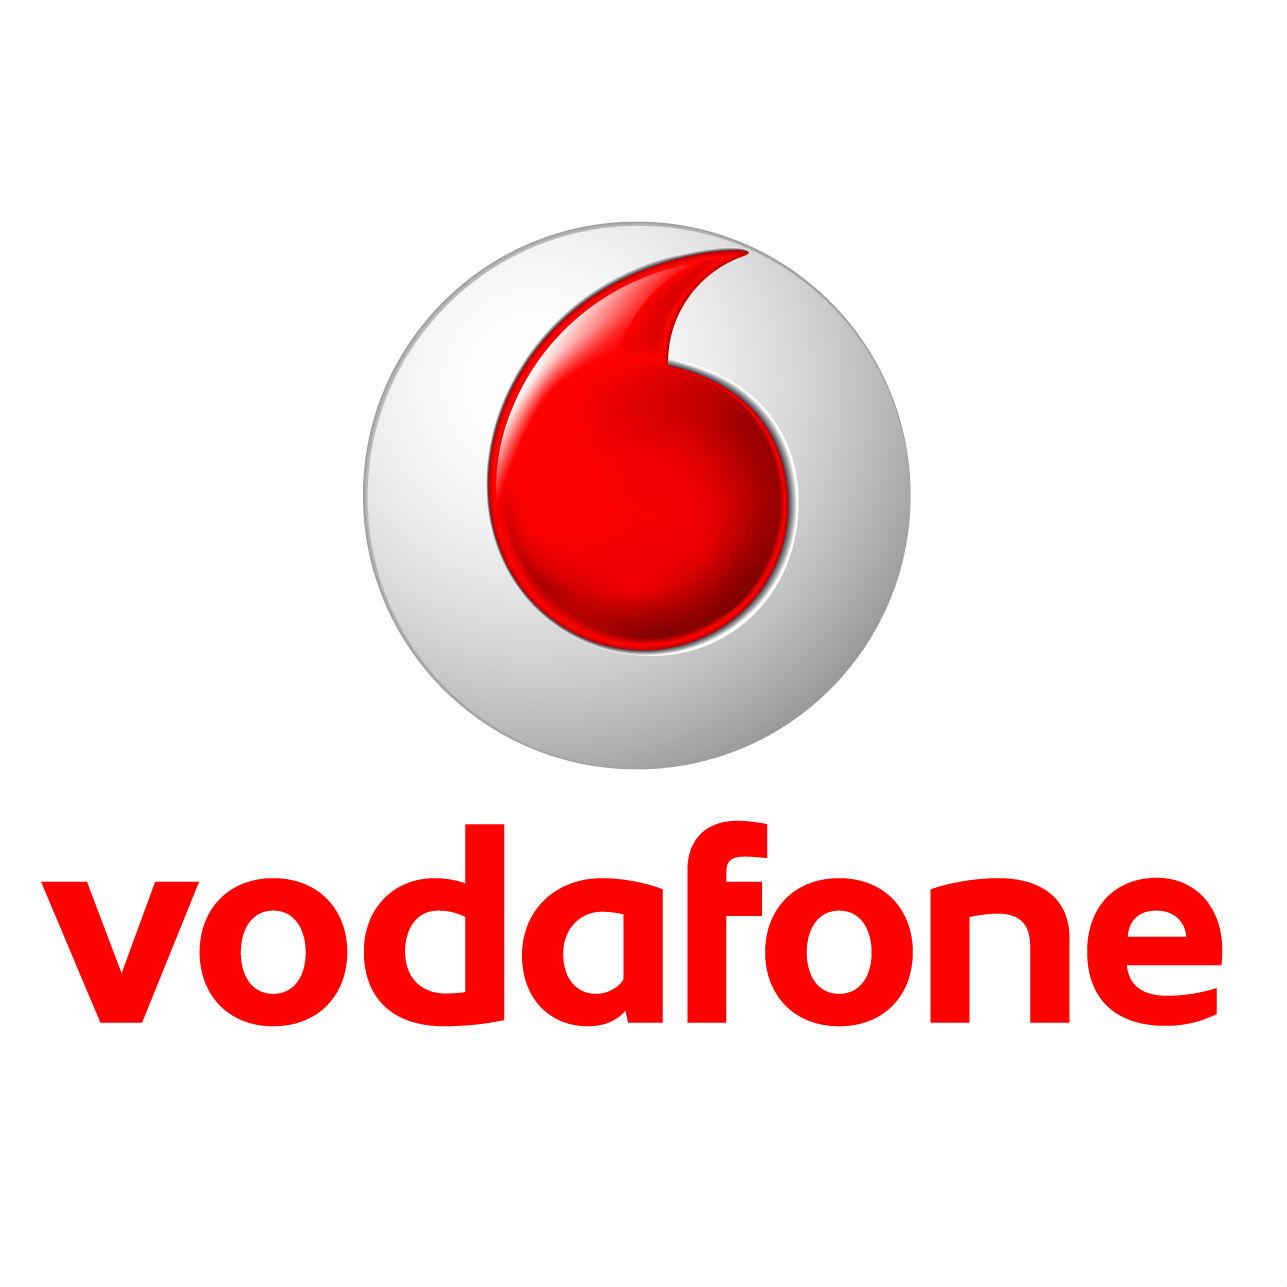 Vodaphone-logo.jpg